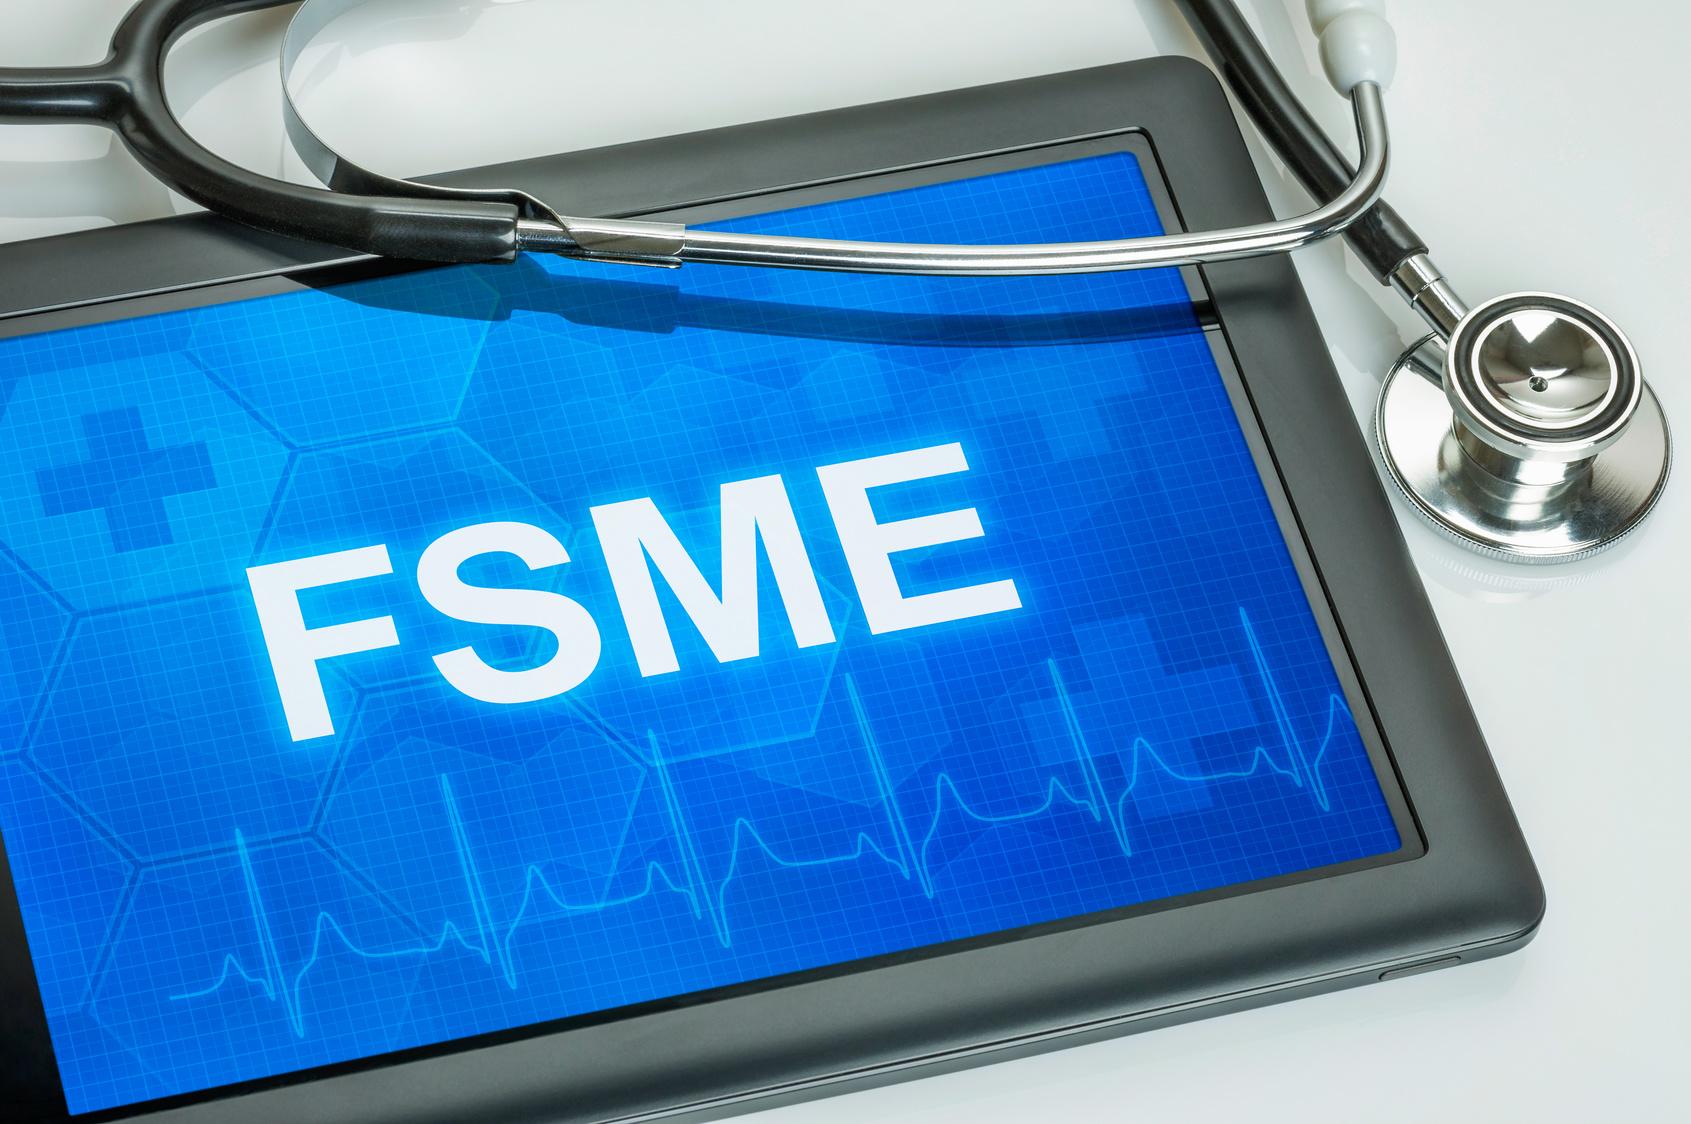 FSME durch Zeckengefahr. Jetzt schützen!